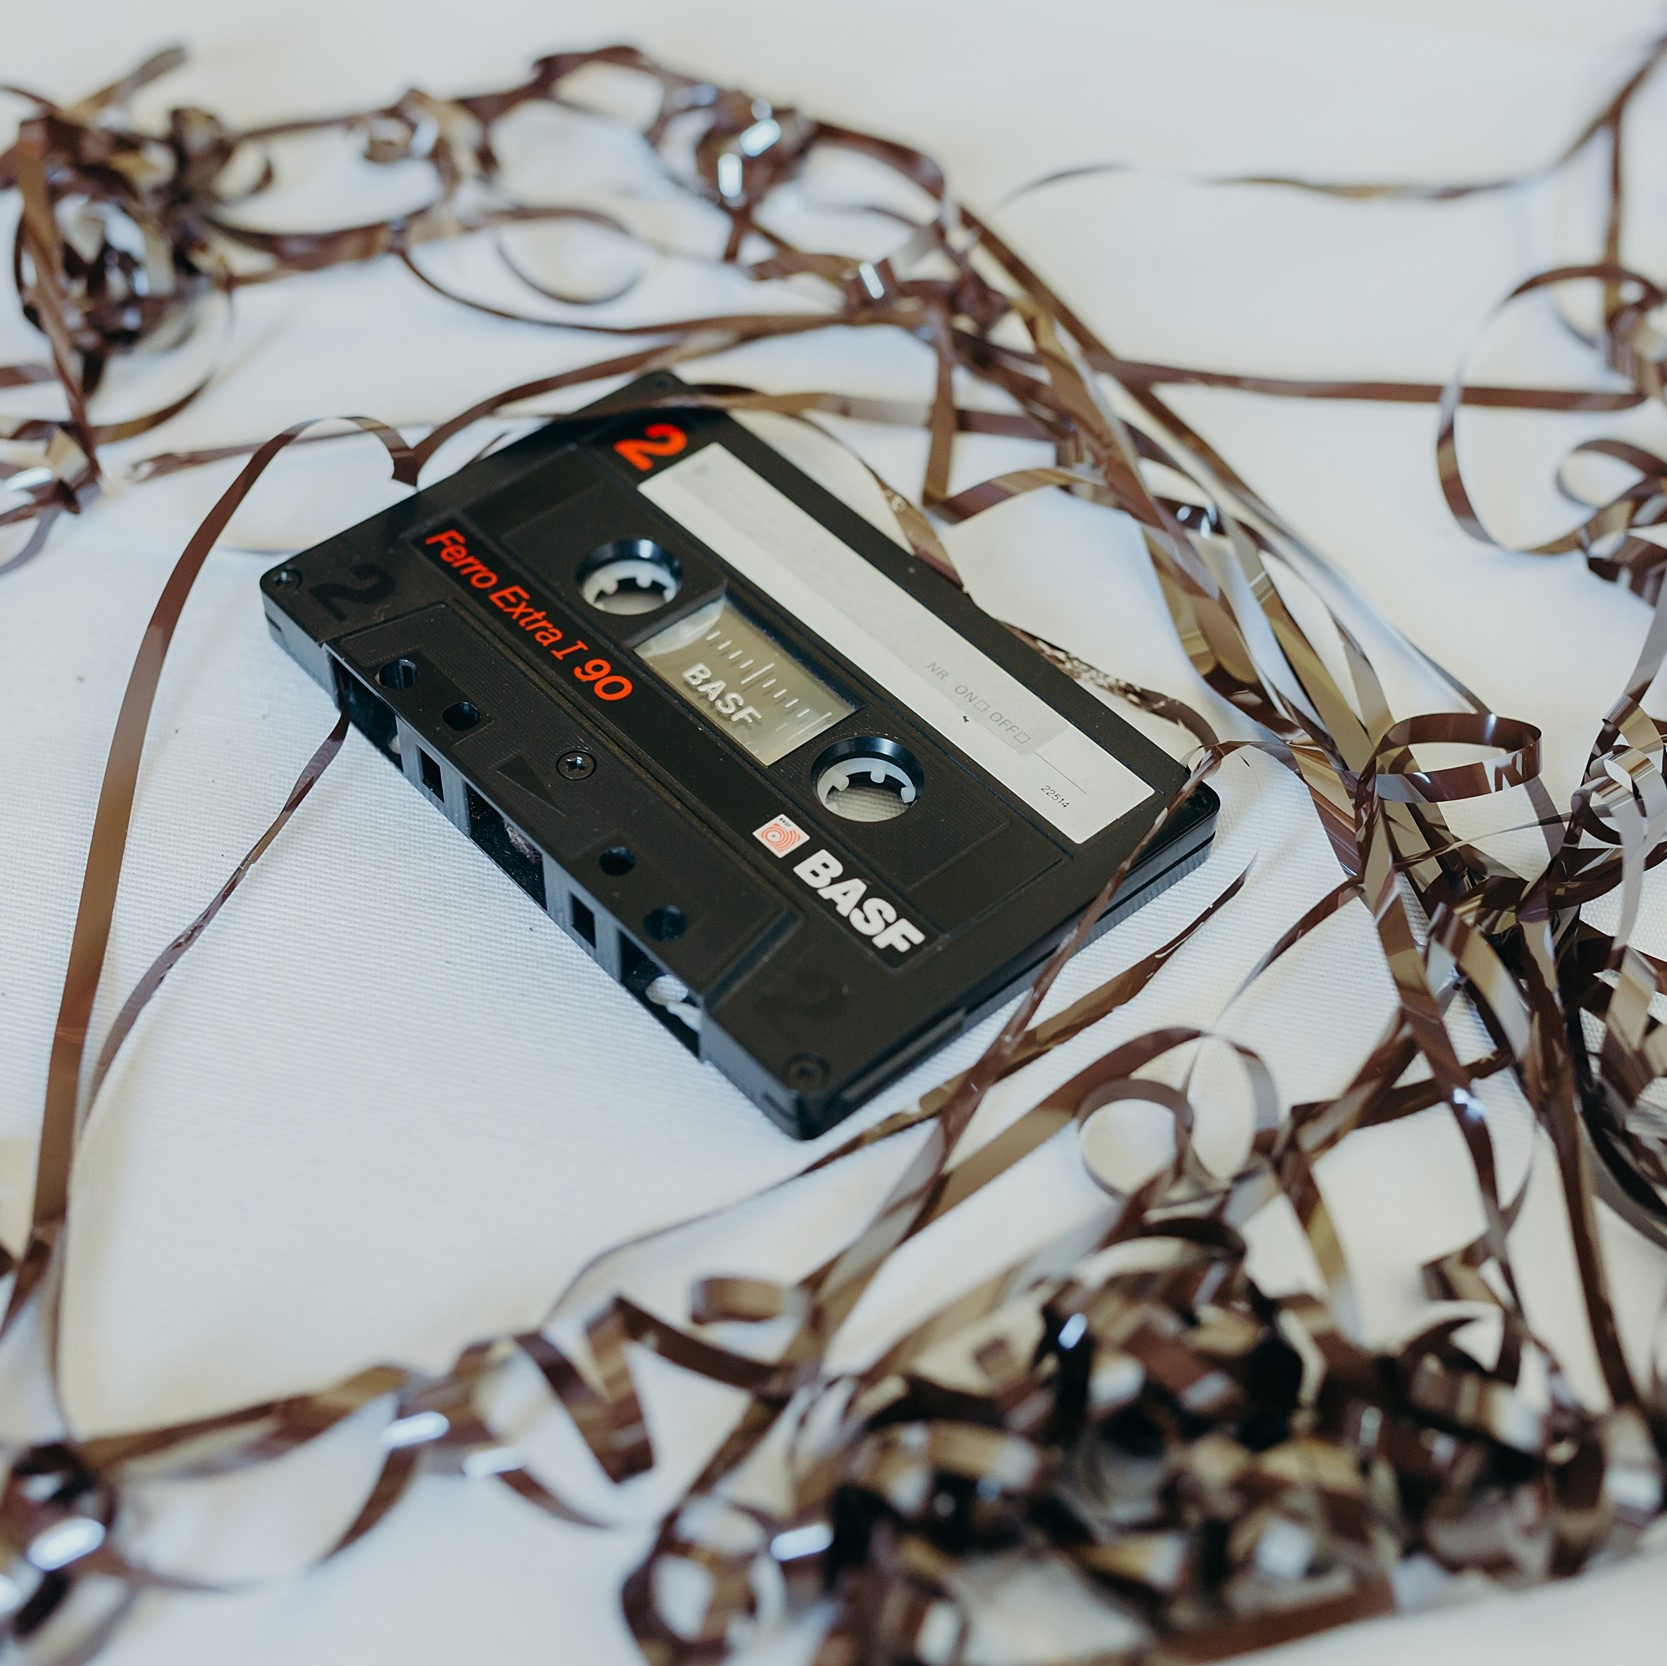 Jak był zapisywany dźwięk na taśmie szpulowej i magnetofonowej?